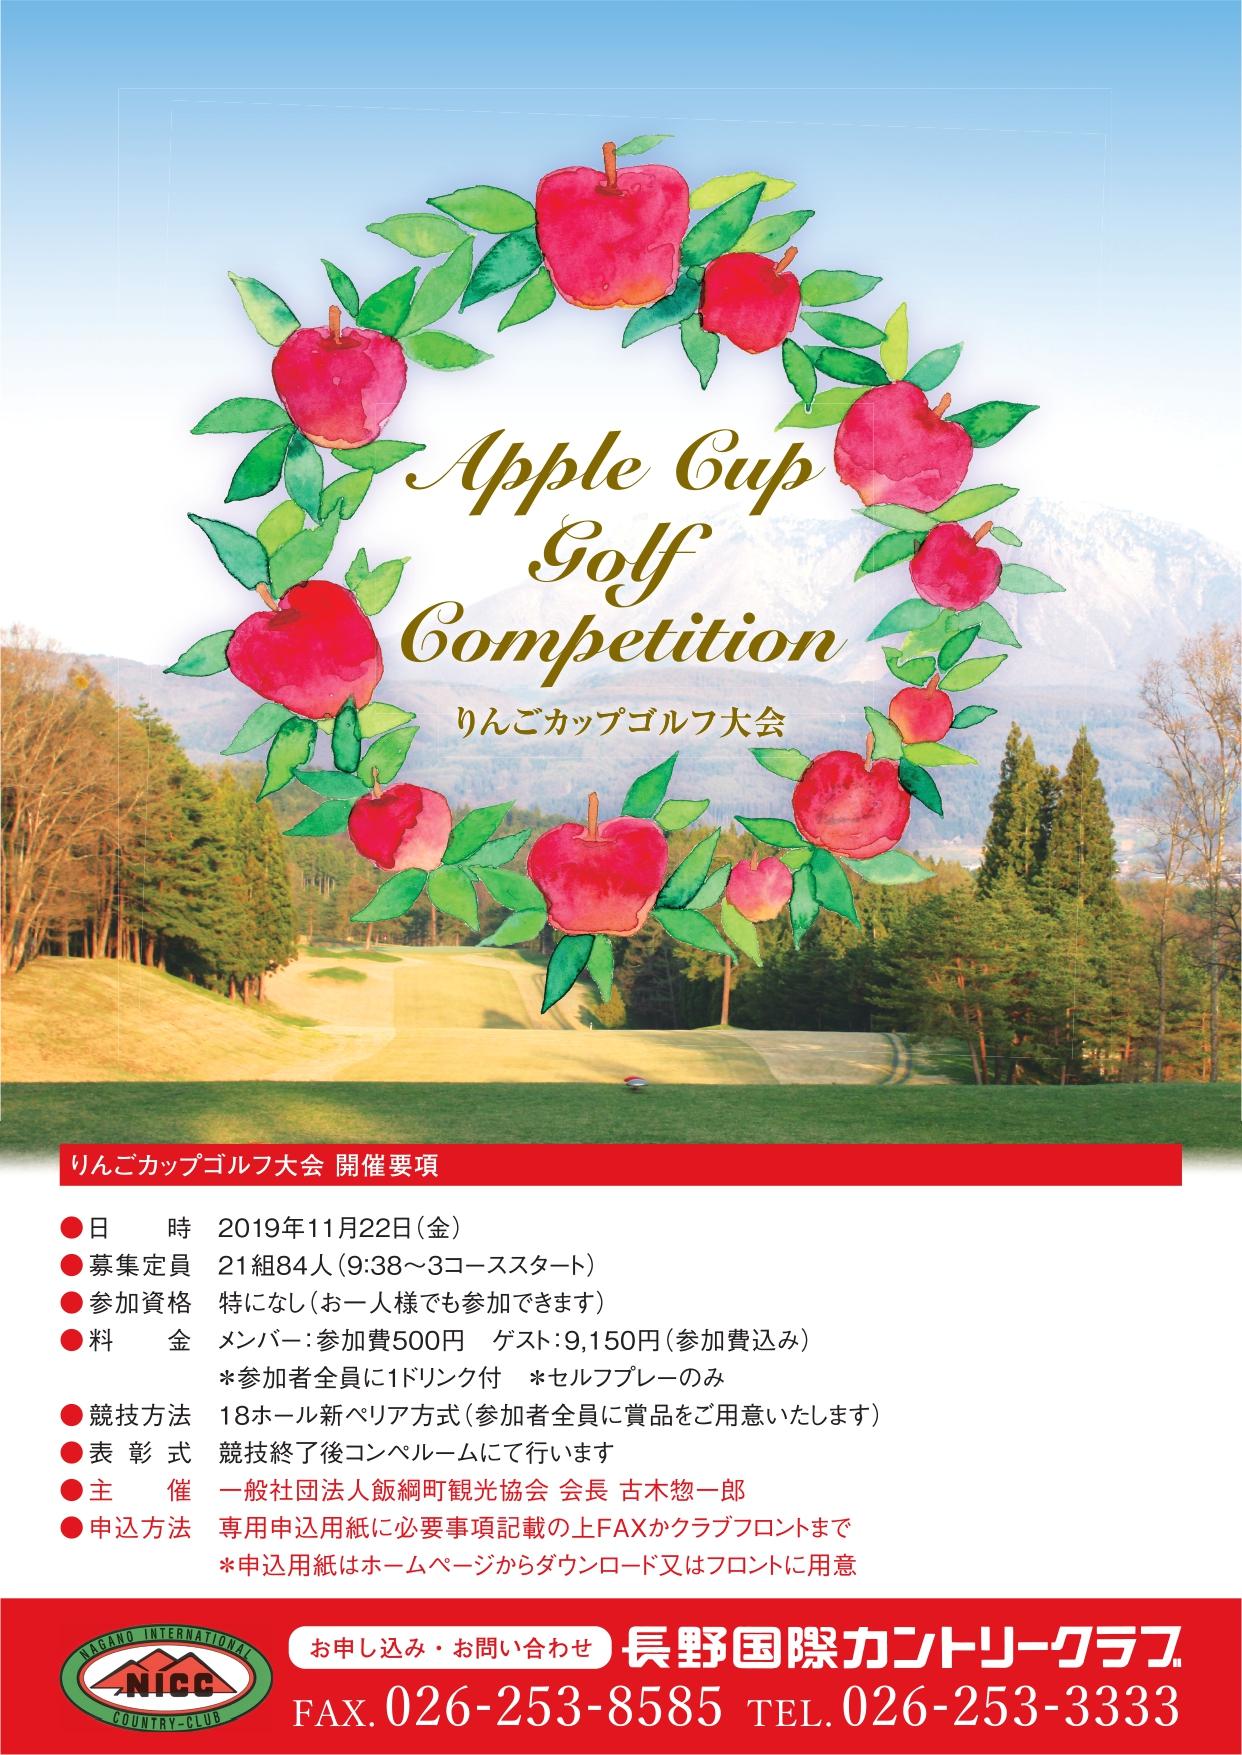 【終了しました】りんごカップゴルフ大会